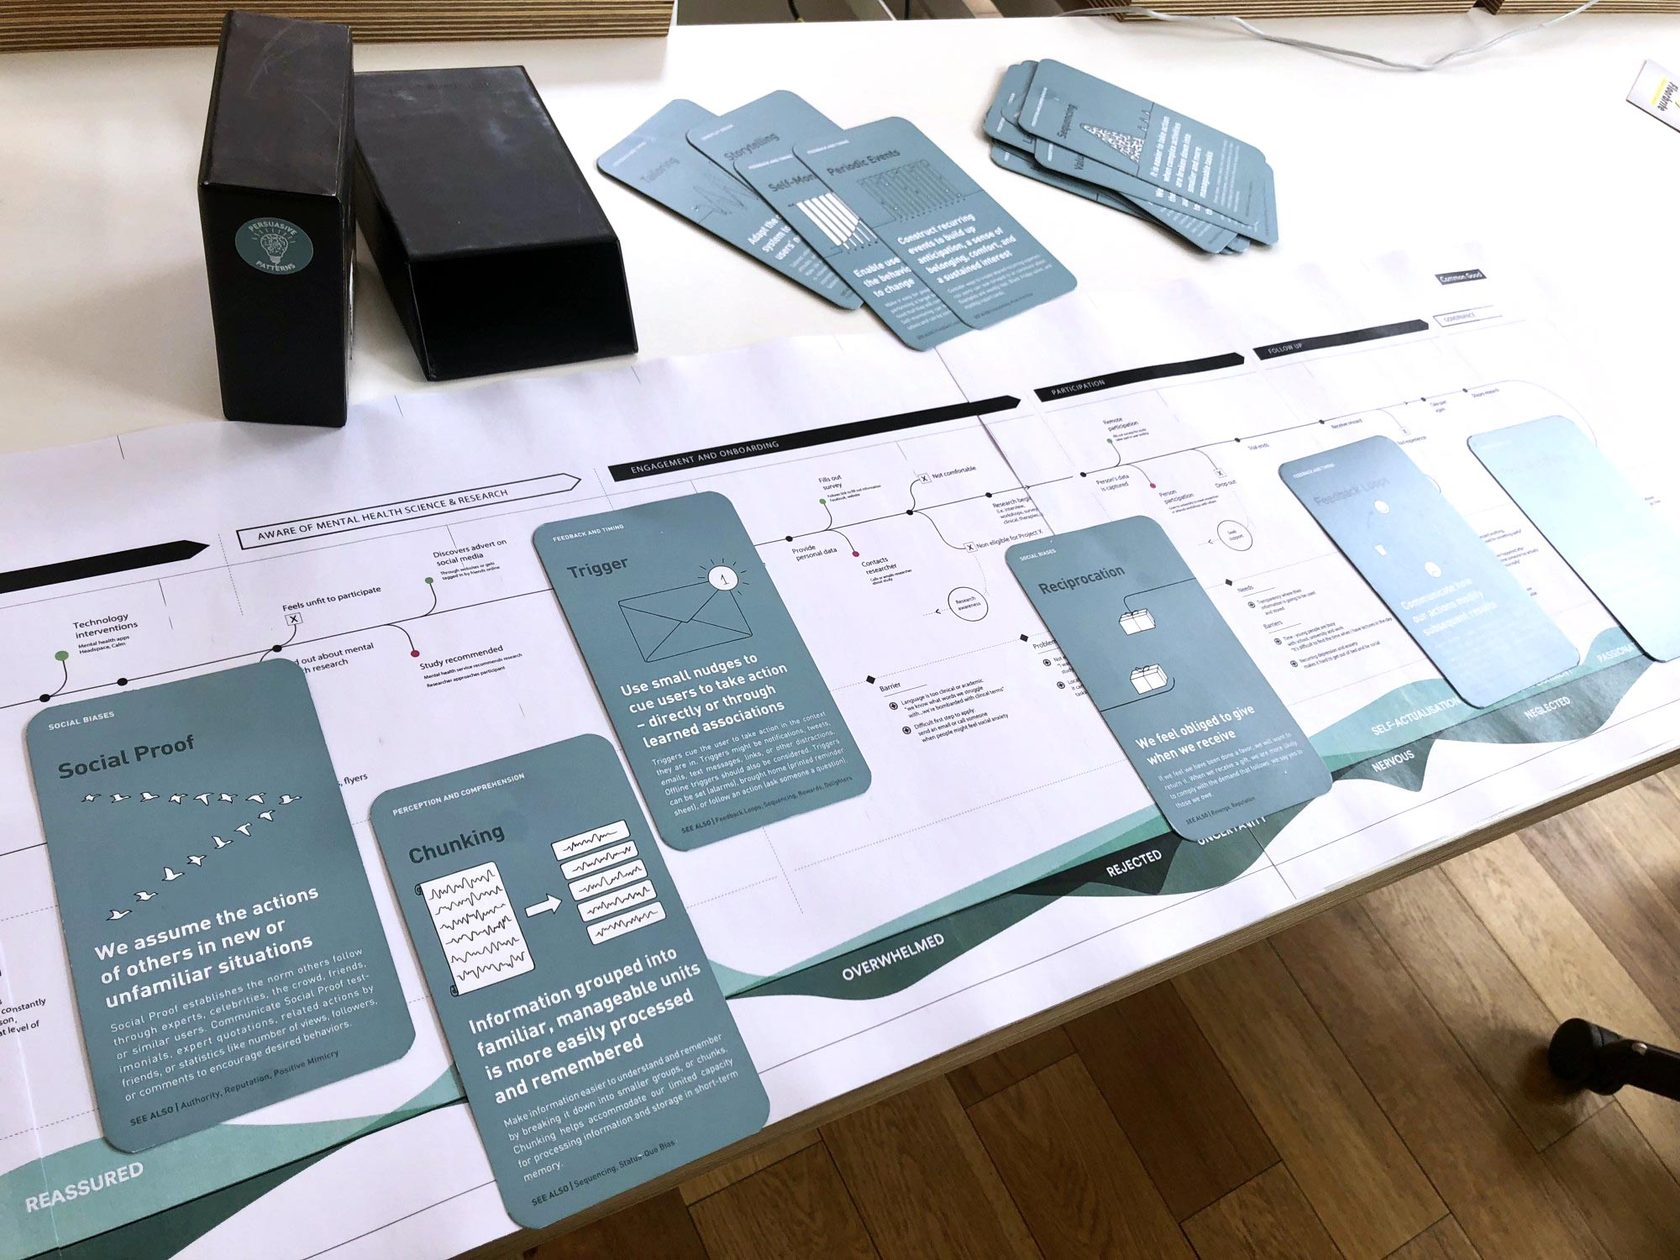 Behavioural Design workshop